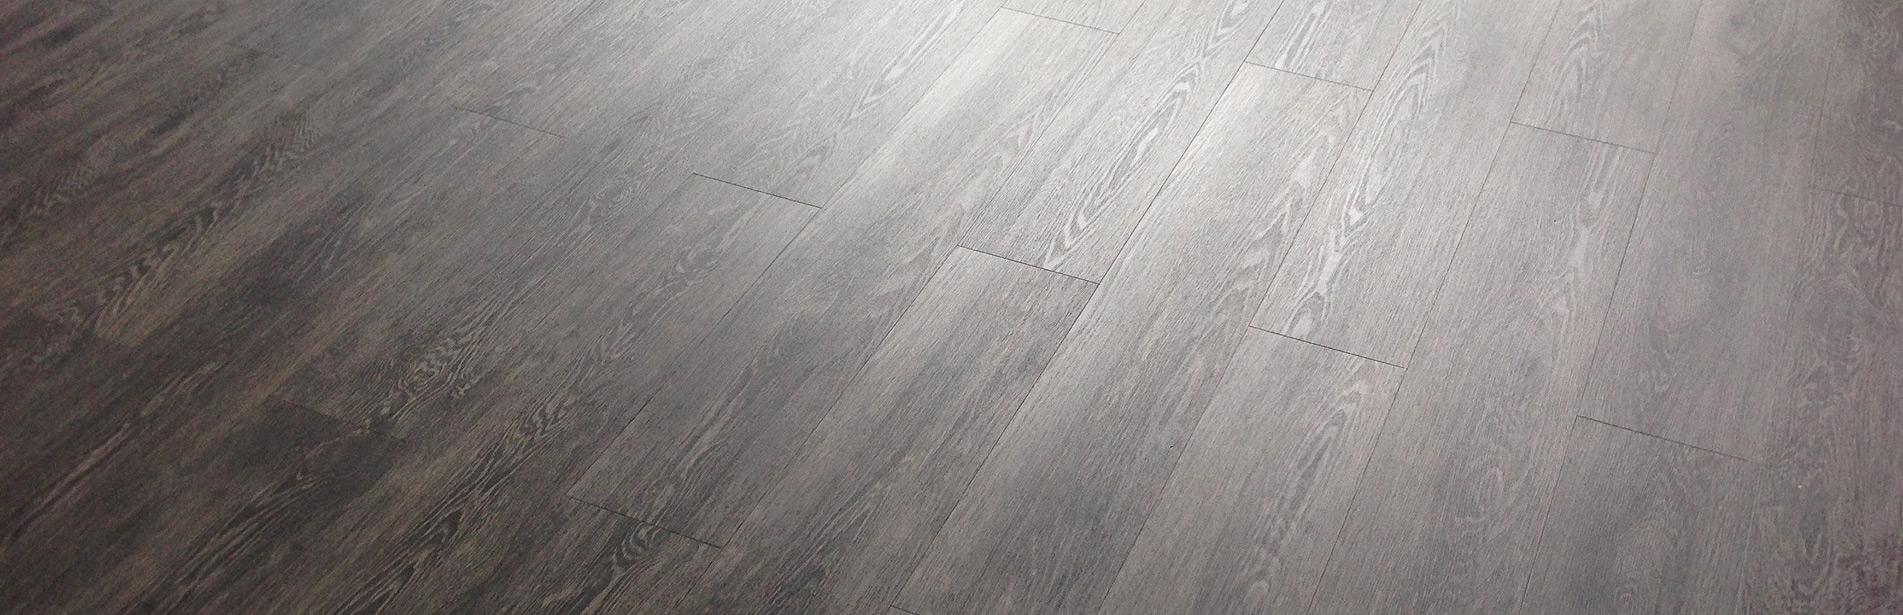 Fuß und Sportbodentechnik  Bodendesign Klempin